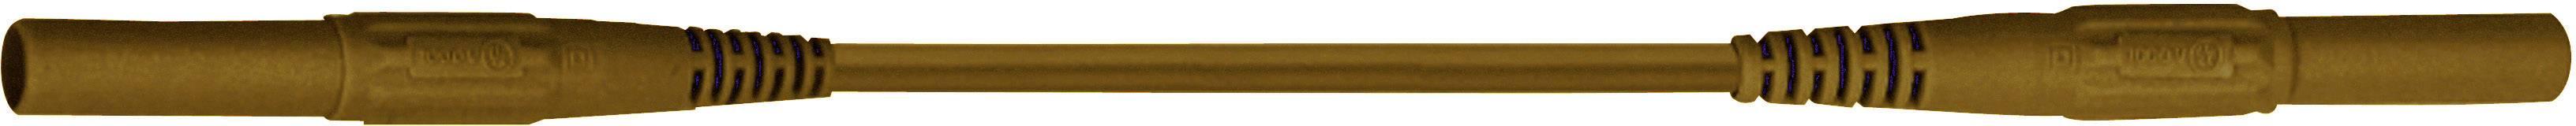 Merací silikónový kábel Multicontact XMS-419, 2,5 mm², hnedý, 1,5 m